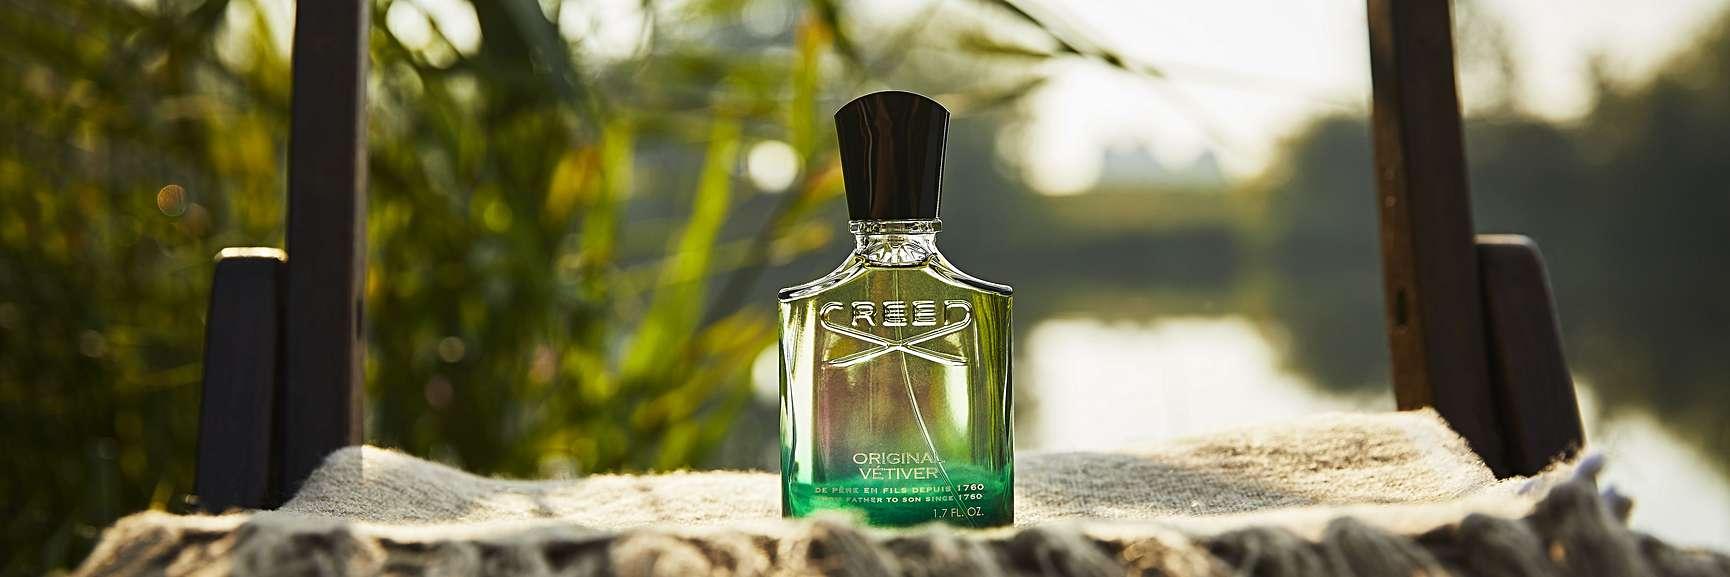 Nước hoa Creed Original Vetiver 100ml - Avy Fragrances